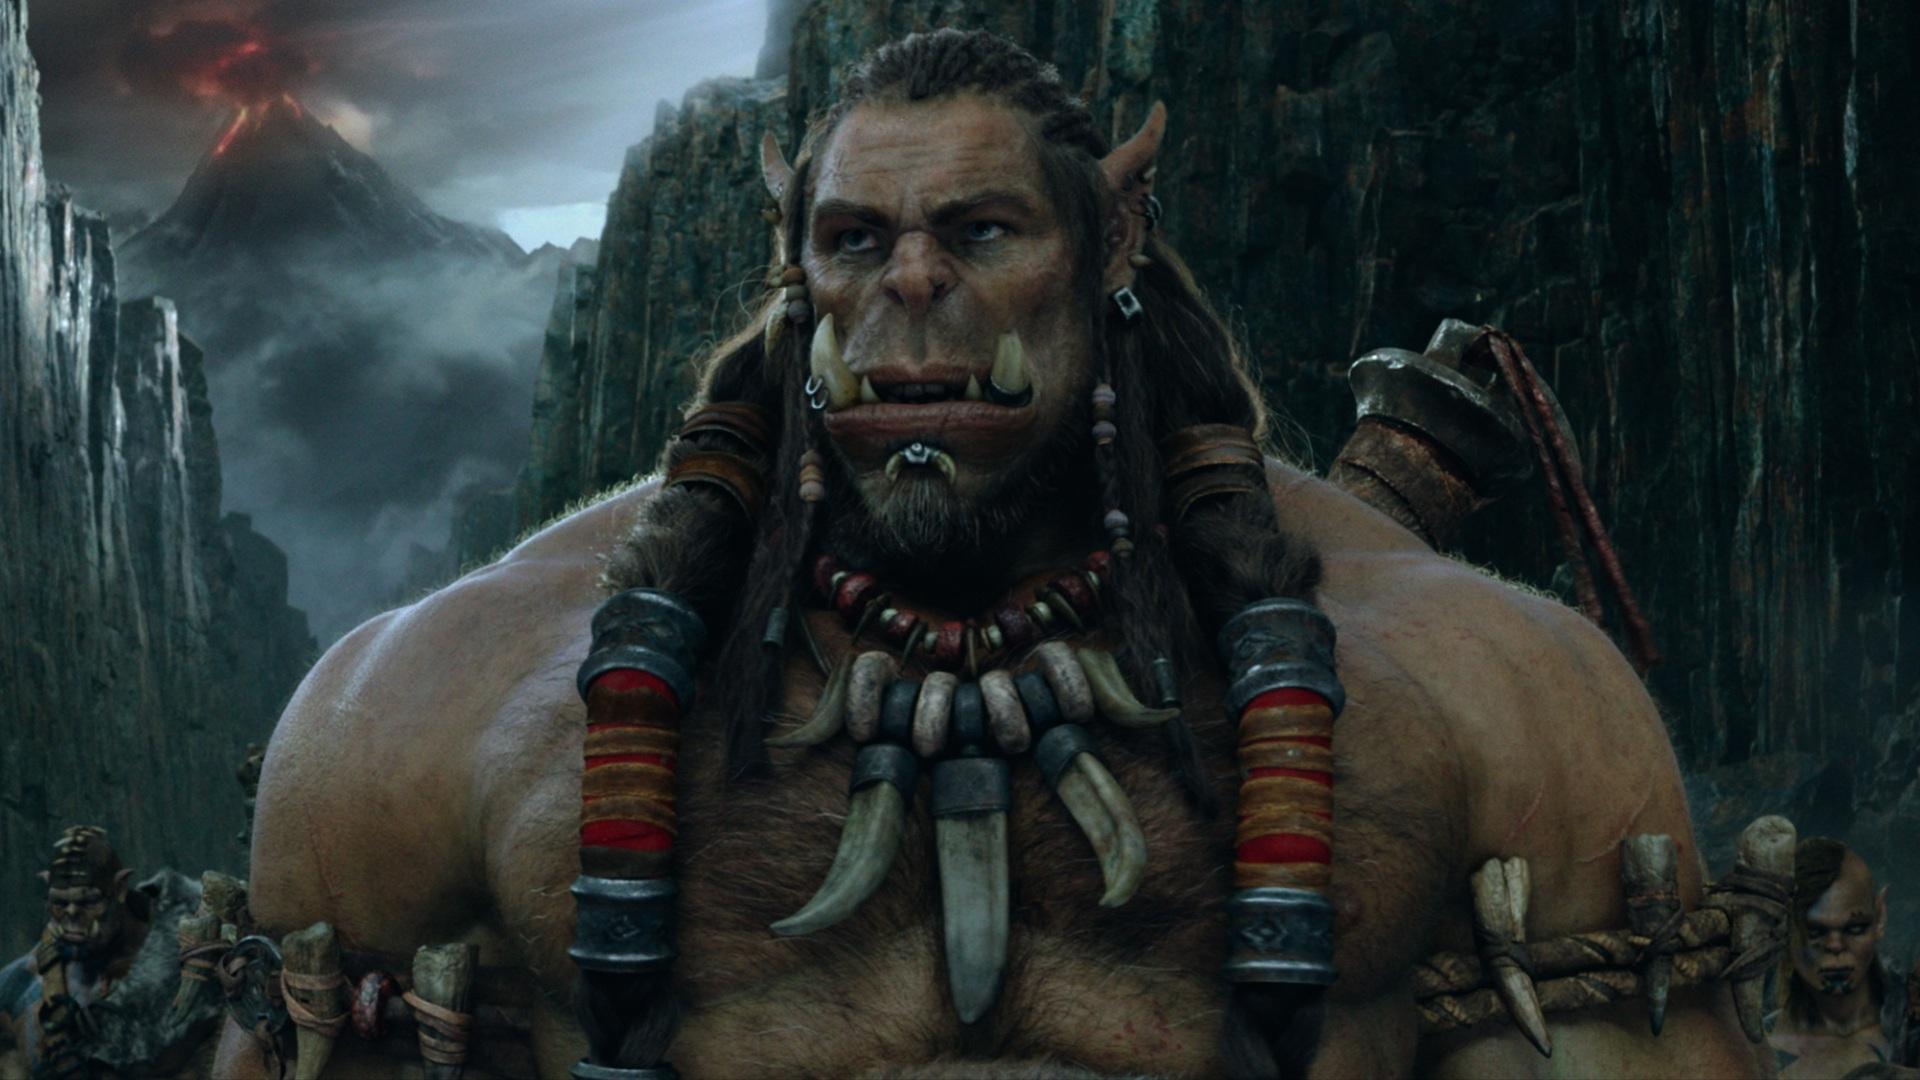 Warcraft 2 Filmi Neden Cikmayacak